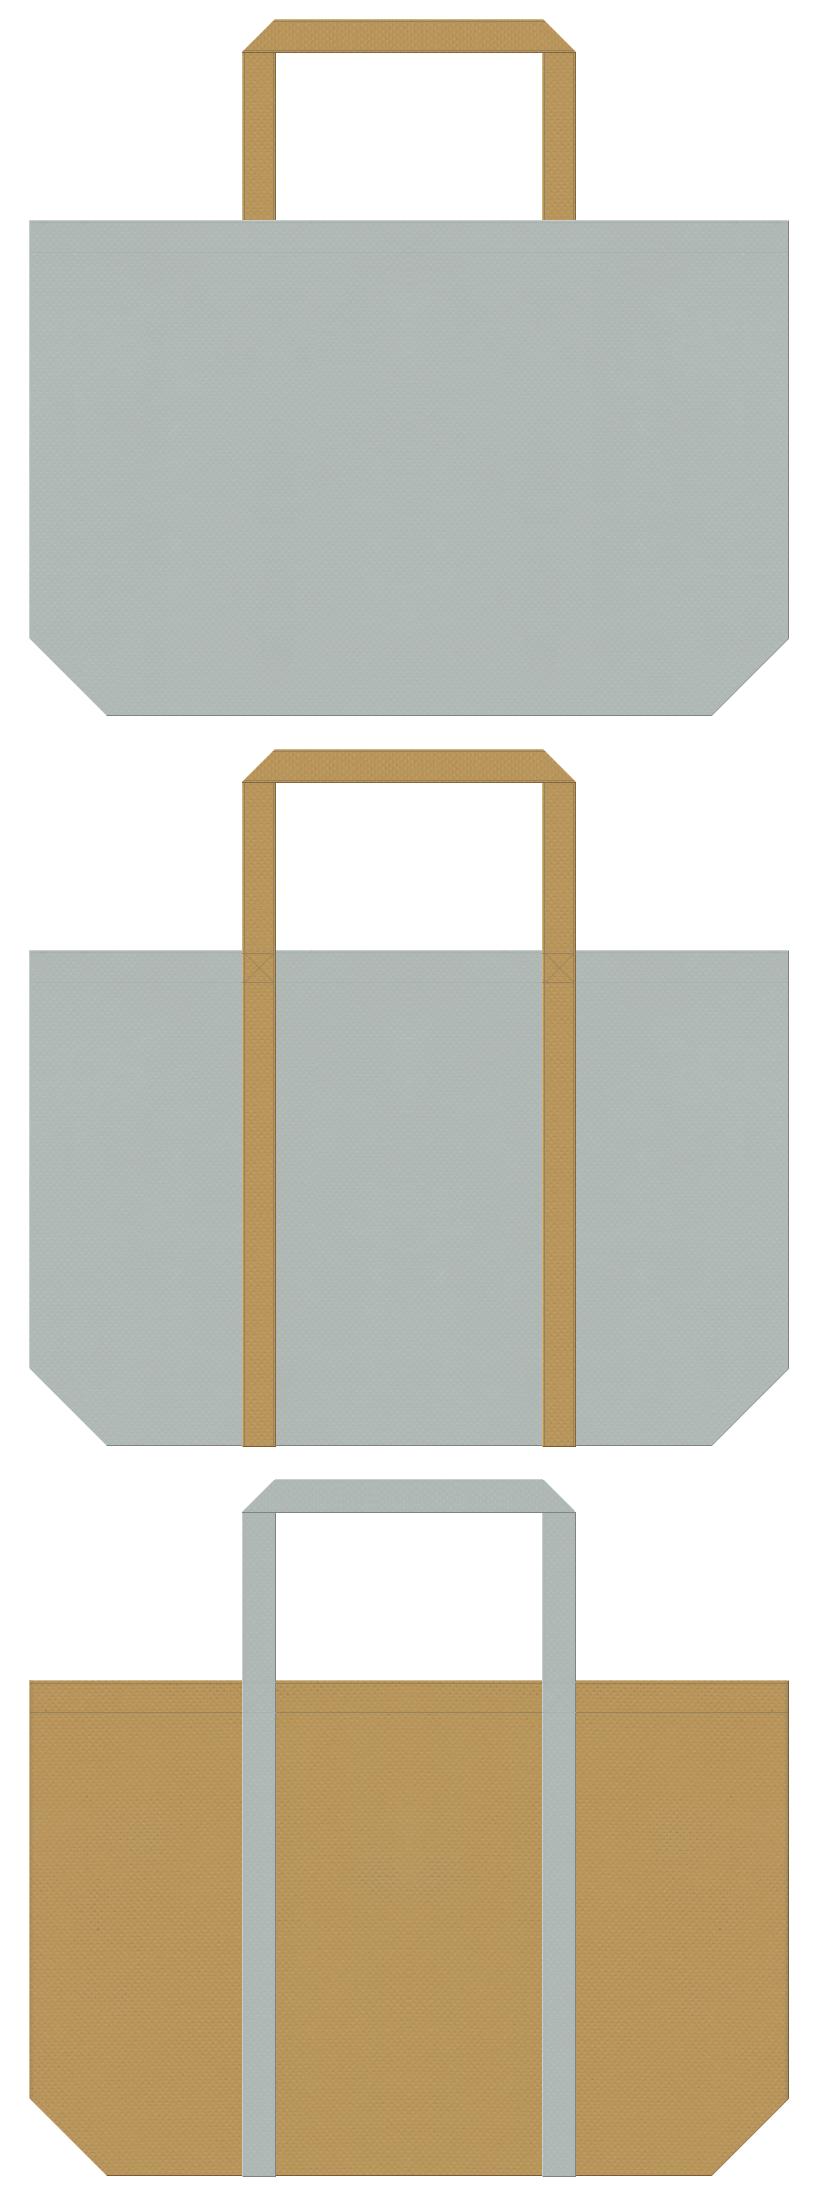 グレー色と金色系黄土色の不織布エコバッグのデザイン。